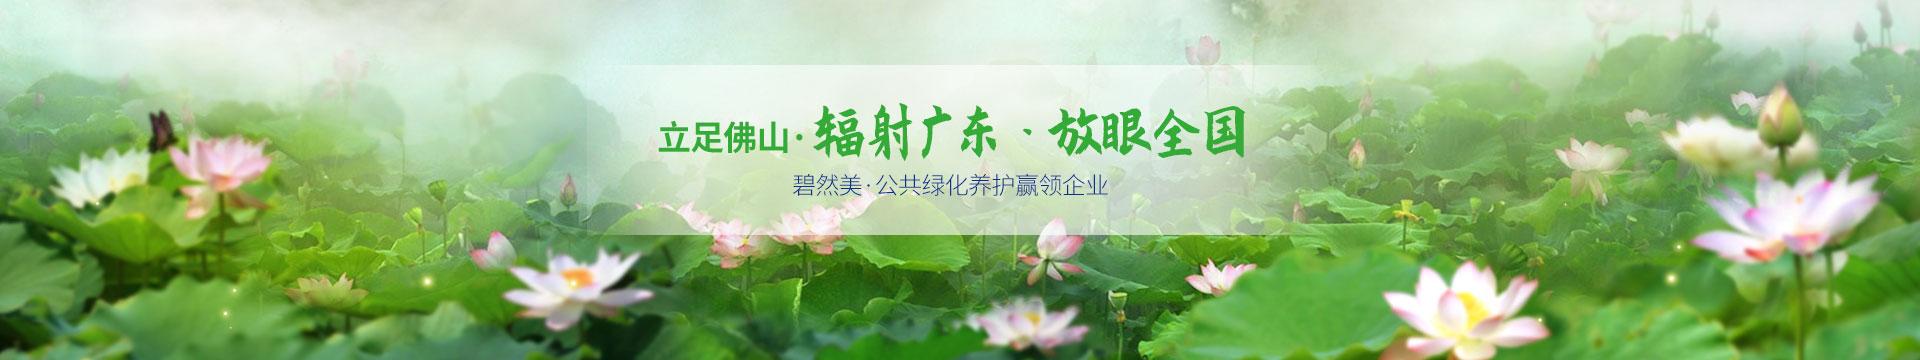 买球国际厅网站-公共綠化養護贏領企業